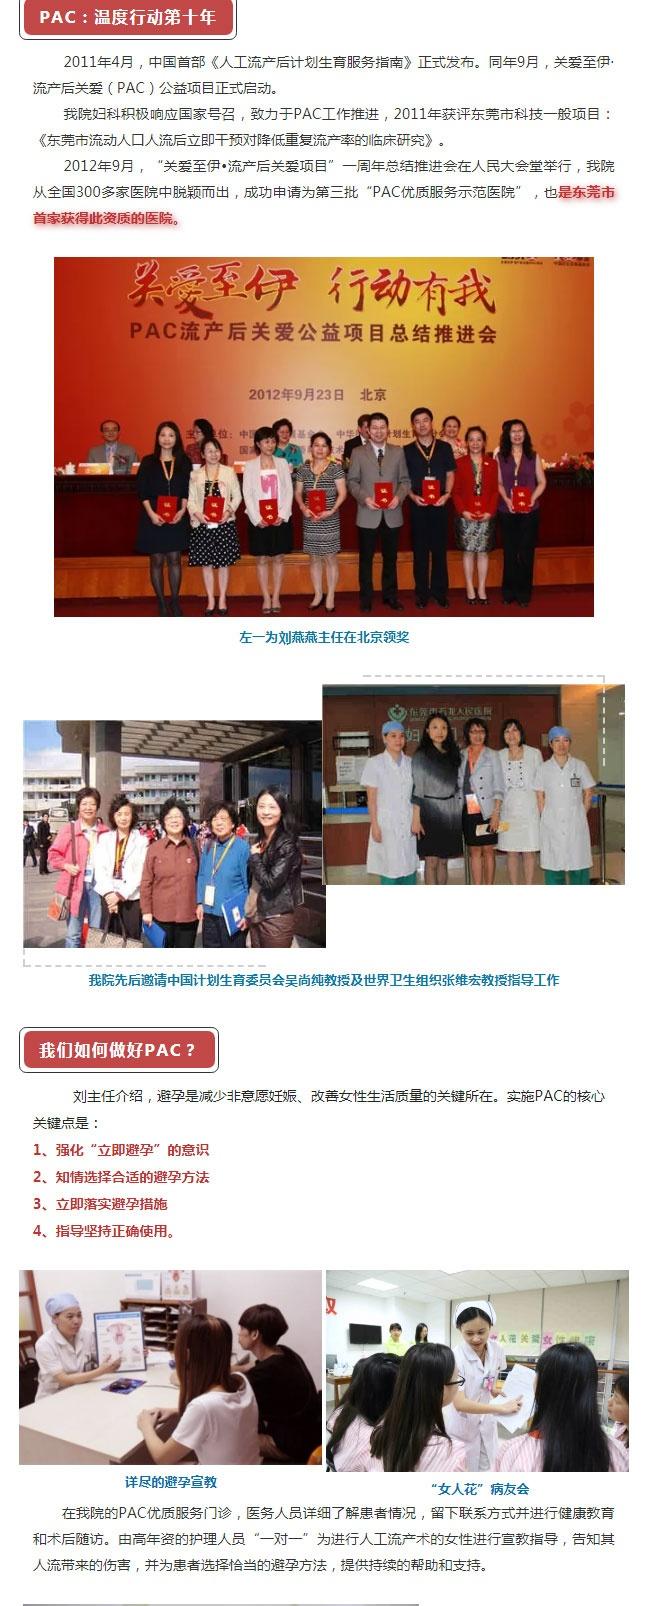 """【女性福音】再获全国""""PAC优质服务医院"""",温暖行动第十年……_03.jpg"""